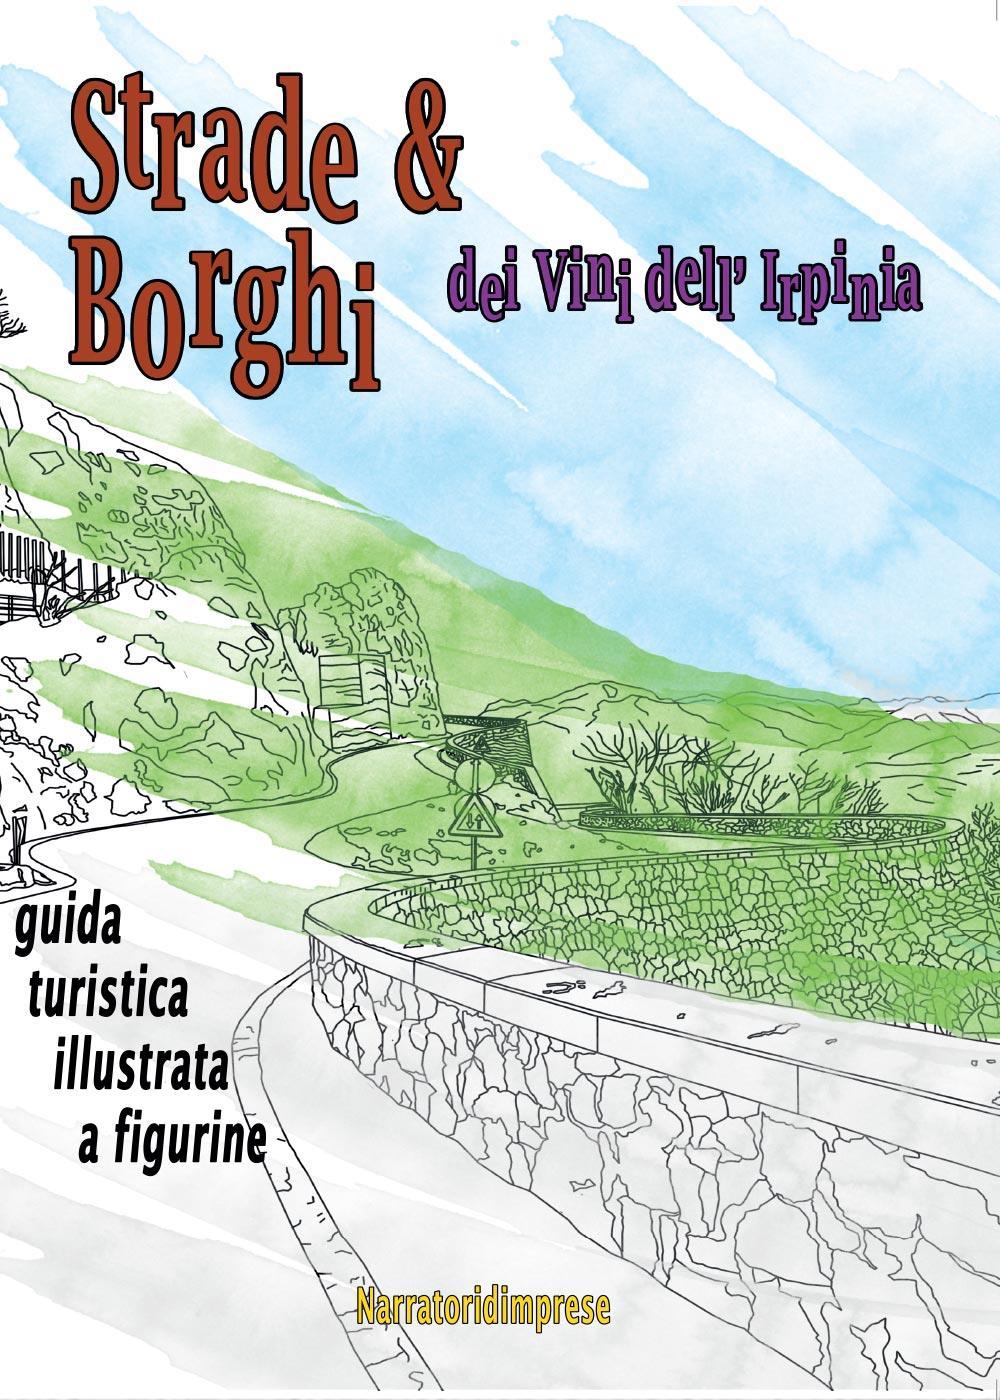 Strade e Borghi dei Vini dell'Irpinia. Guida turistica illustrata a figurine